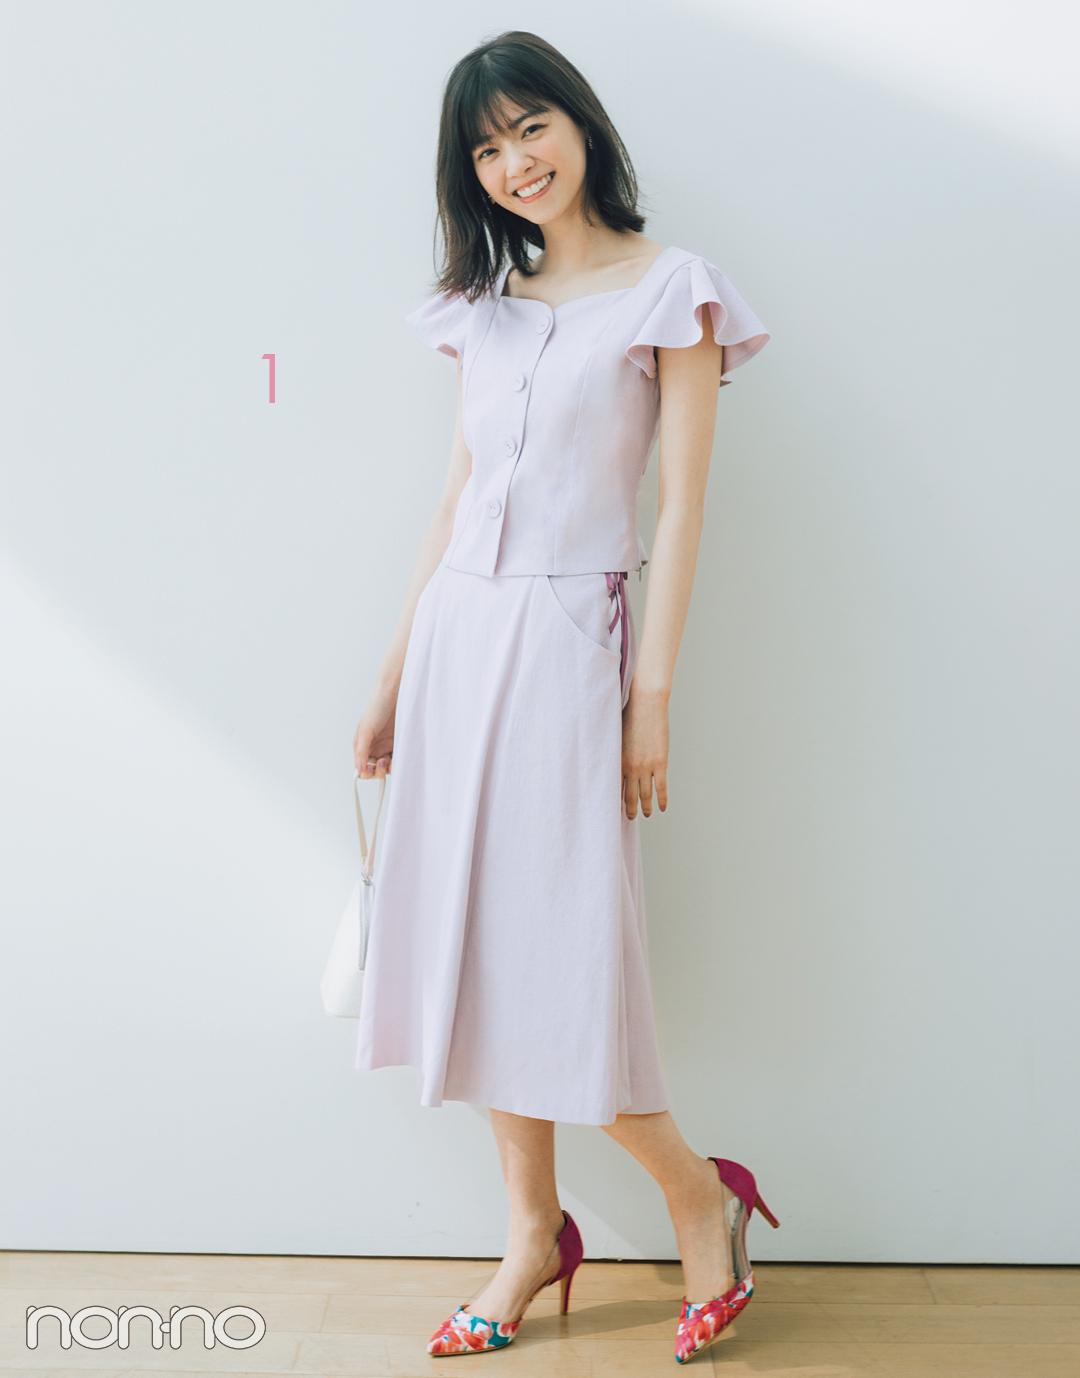 西野七瀬のセットアップで着回しコーデ1×7♡ 淡いピンクはきれいめ派に必須!_1_3-1